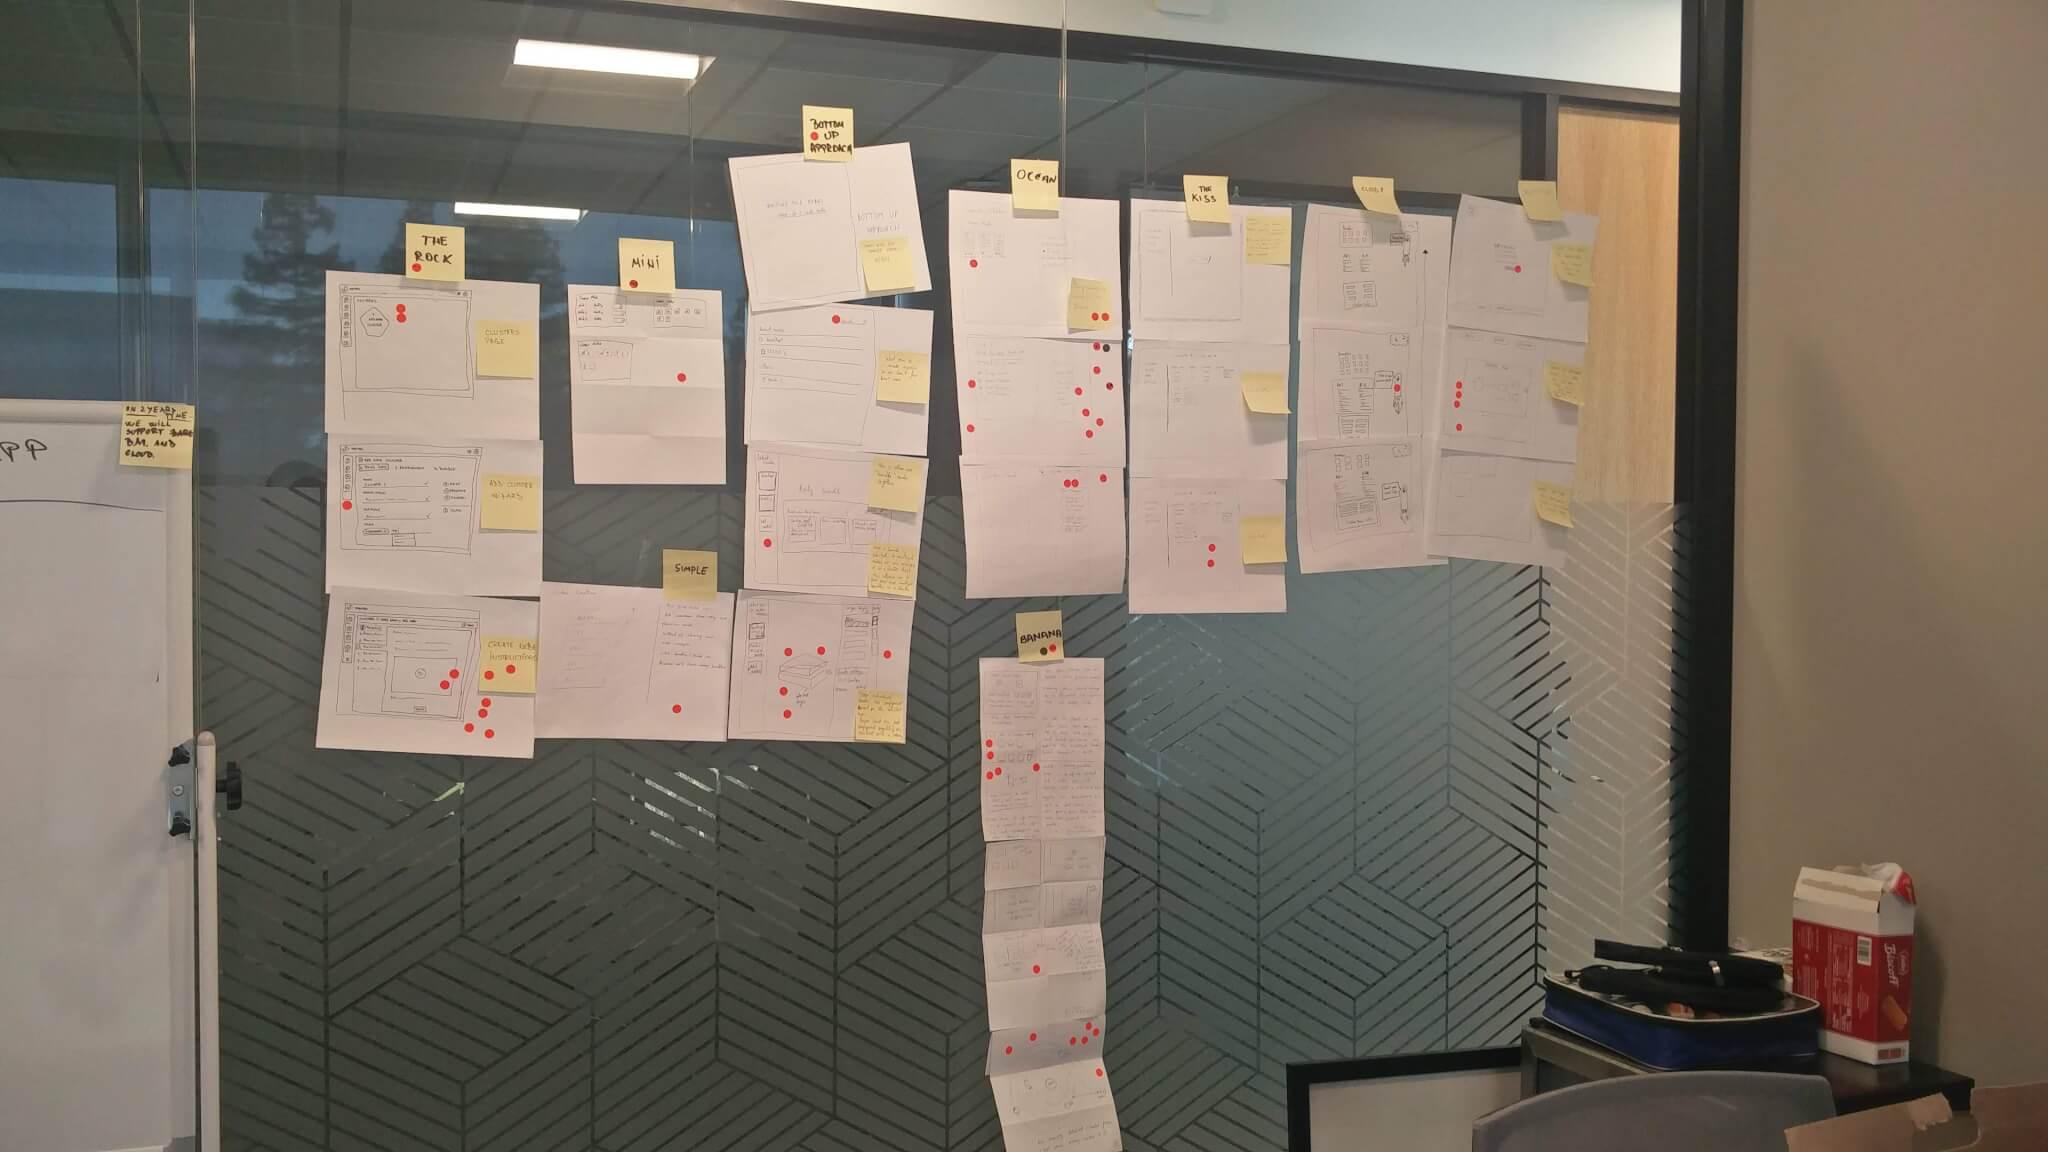 Bytex UI UX Ideation Workshop